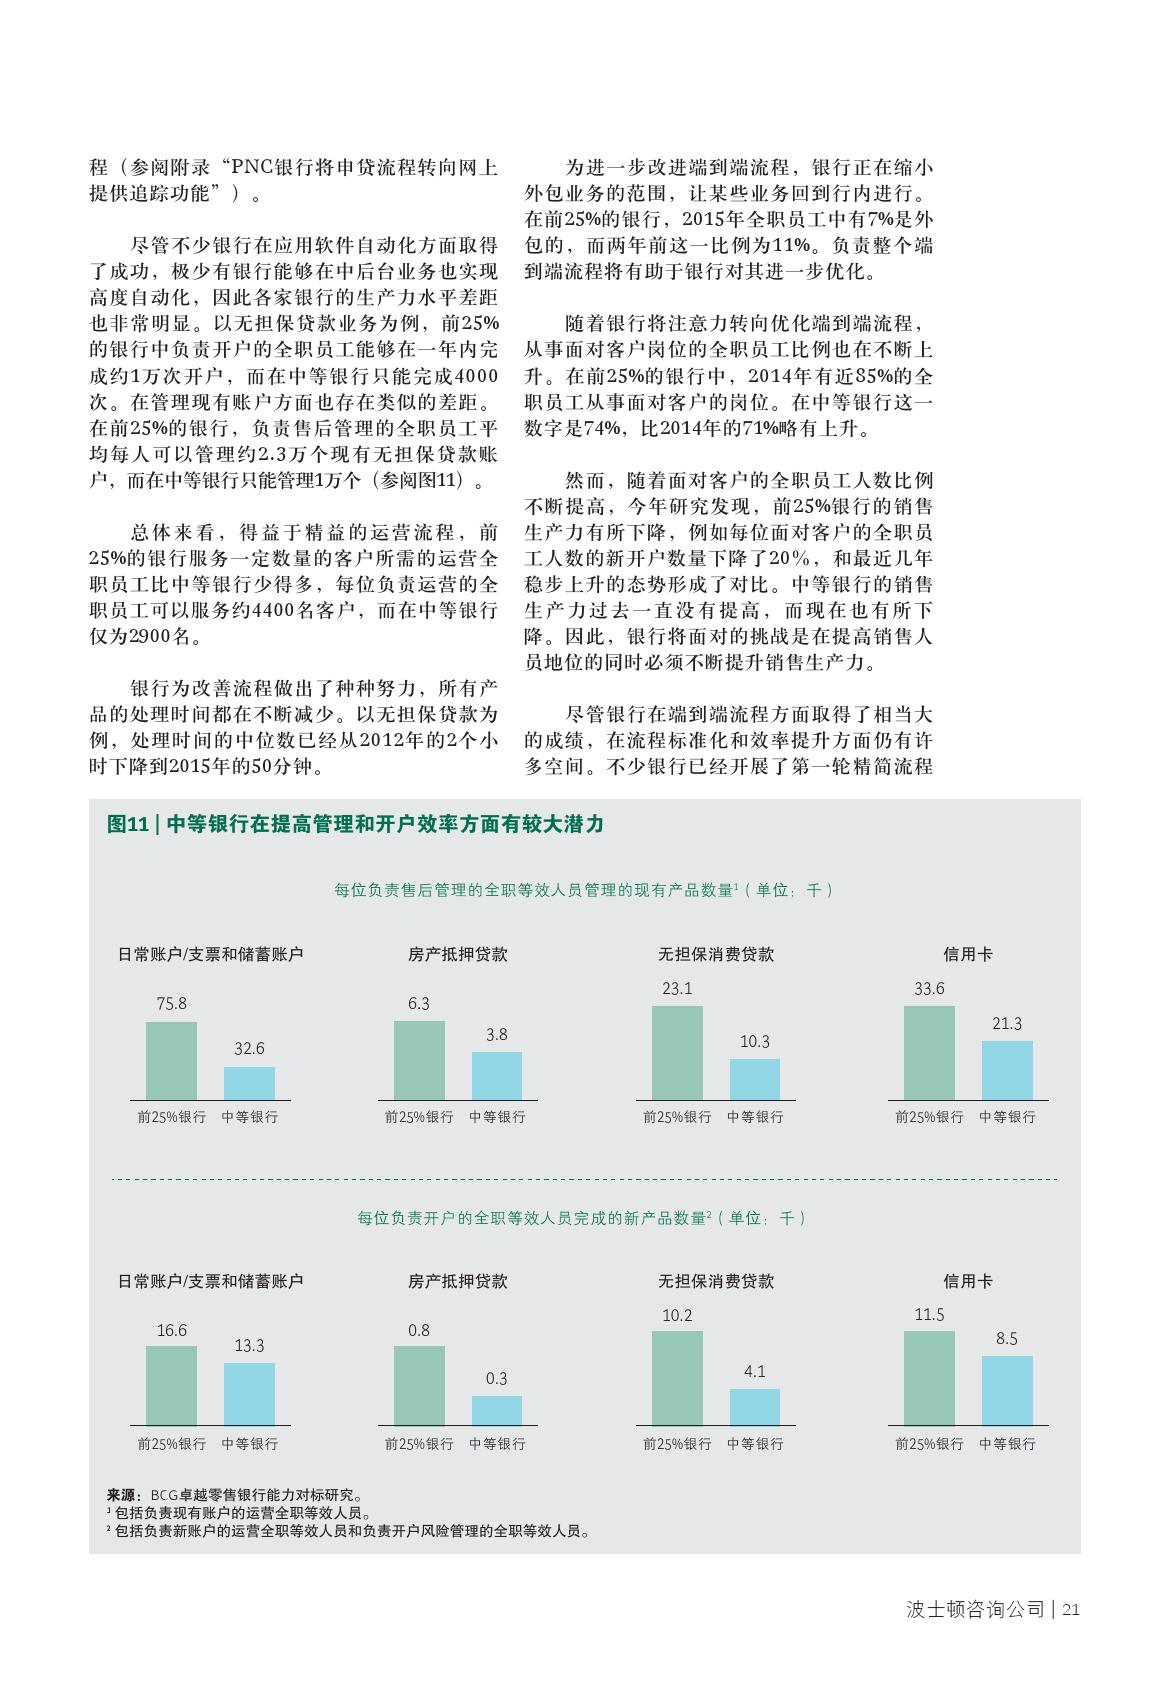 2016年全球零售银行业报告_000023